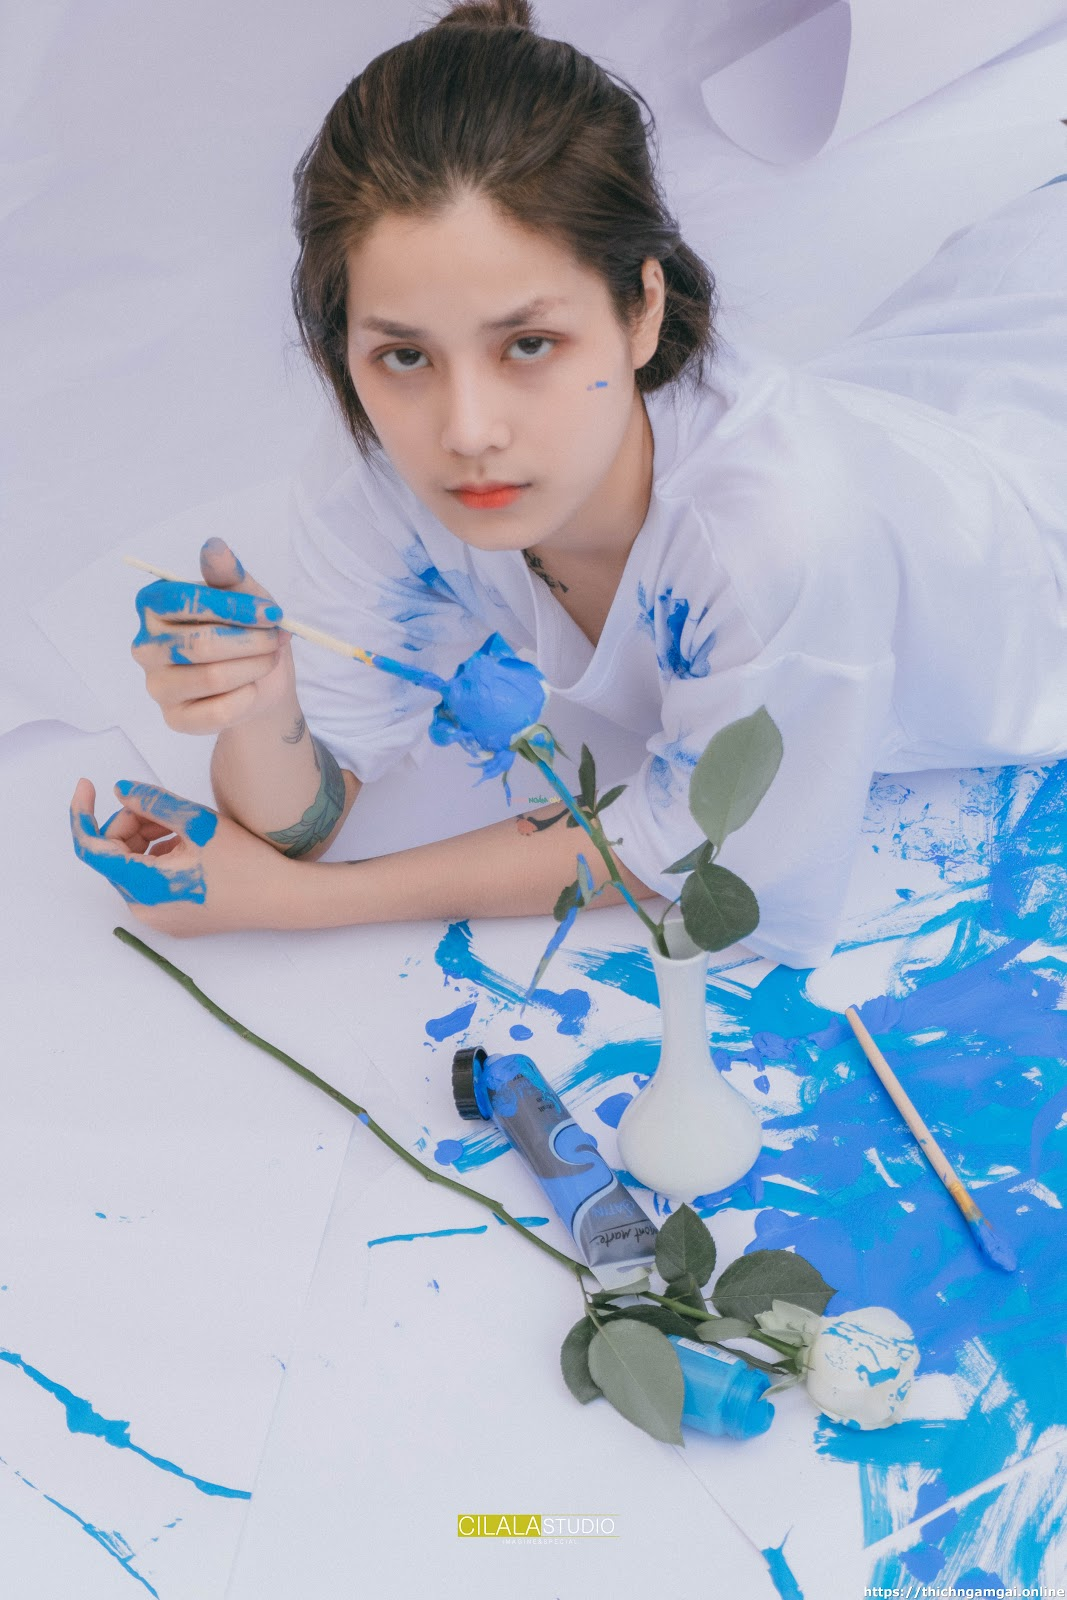 Thích Ngắm Gái 51.%2BDSCF4887%2B%2528Original%2529 Tuyển Tập Girls Xinh Việt Nam (Phần 38)